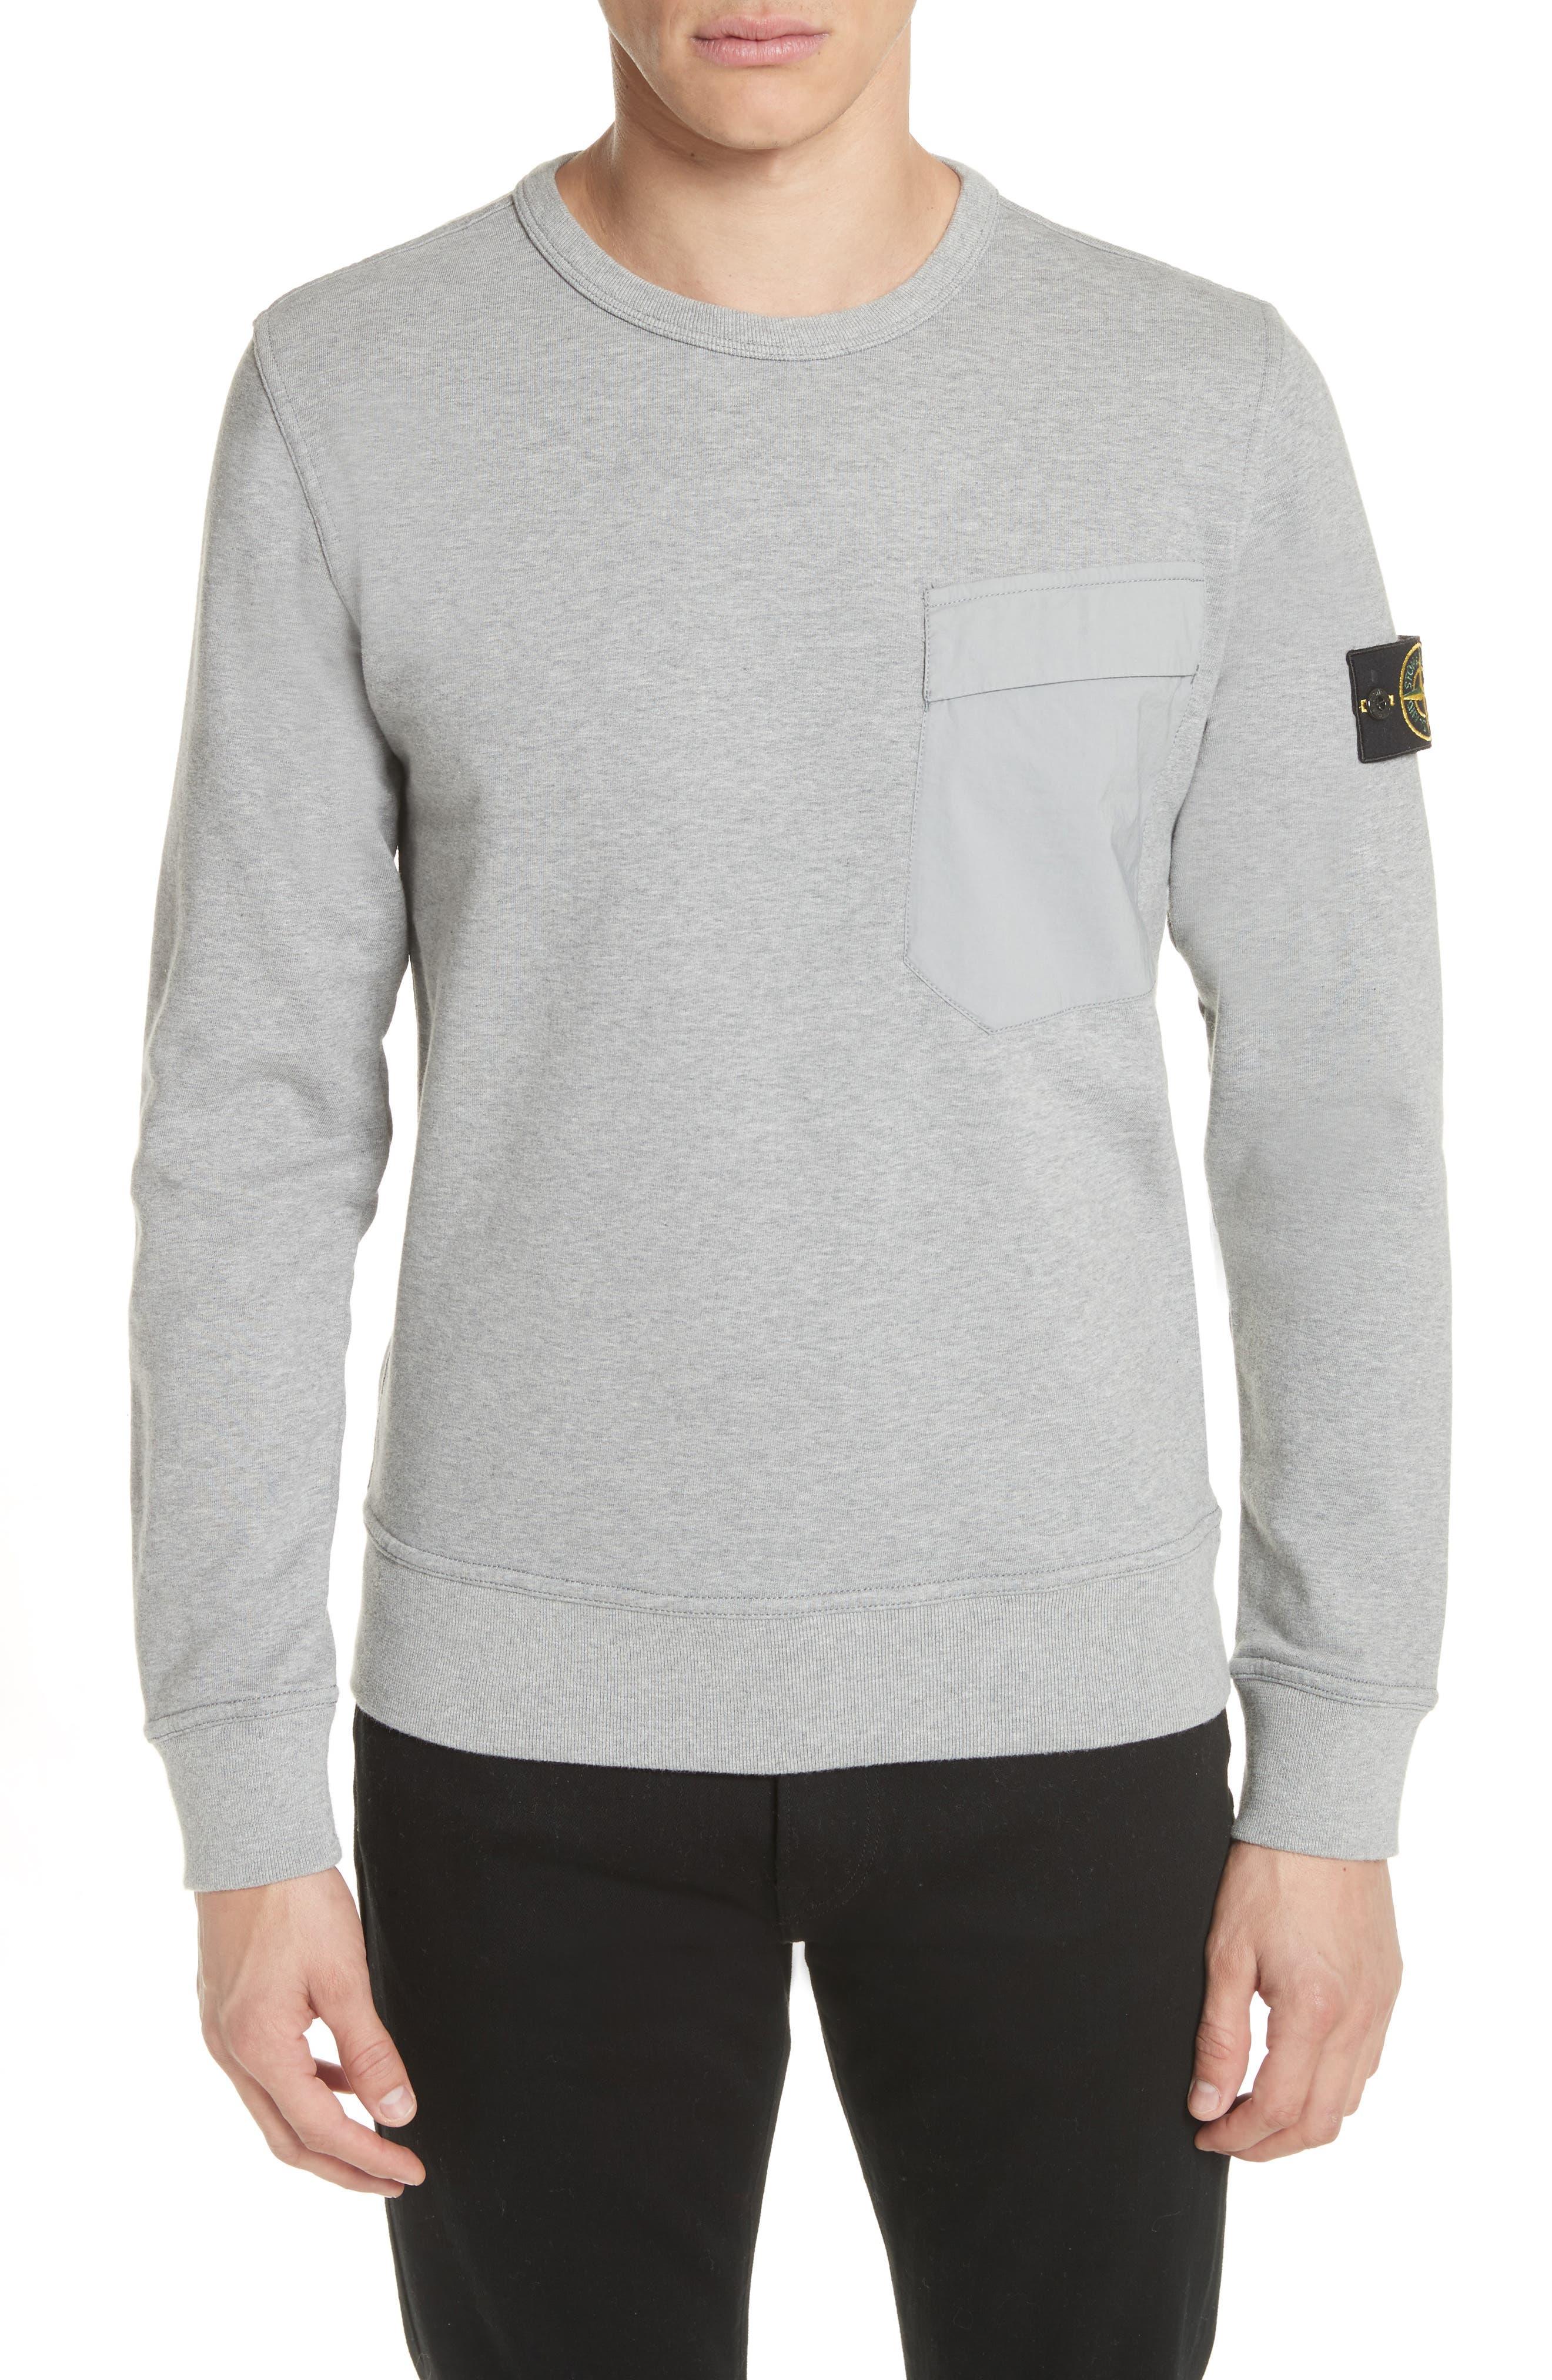 Pocket Sweatshirt,                             Main thumbnail 1, color,                             Grey